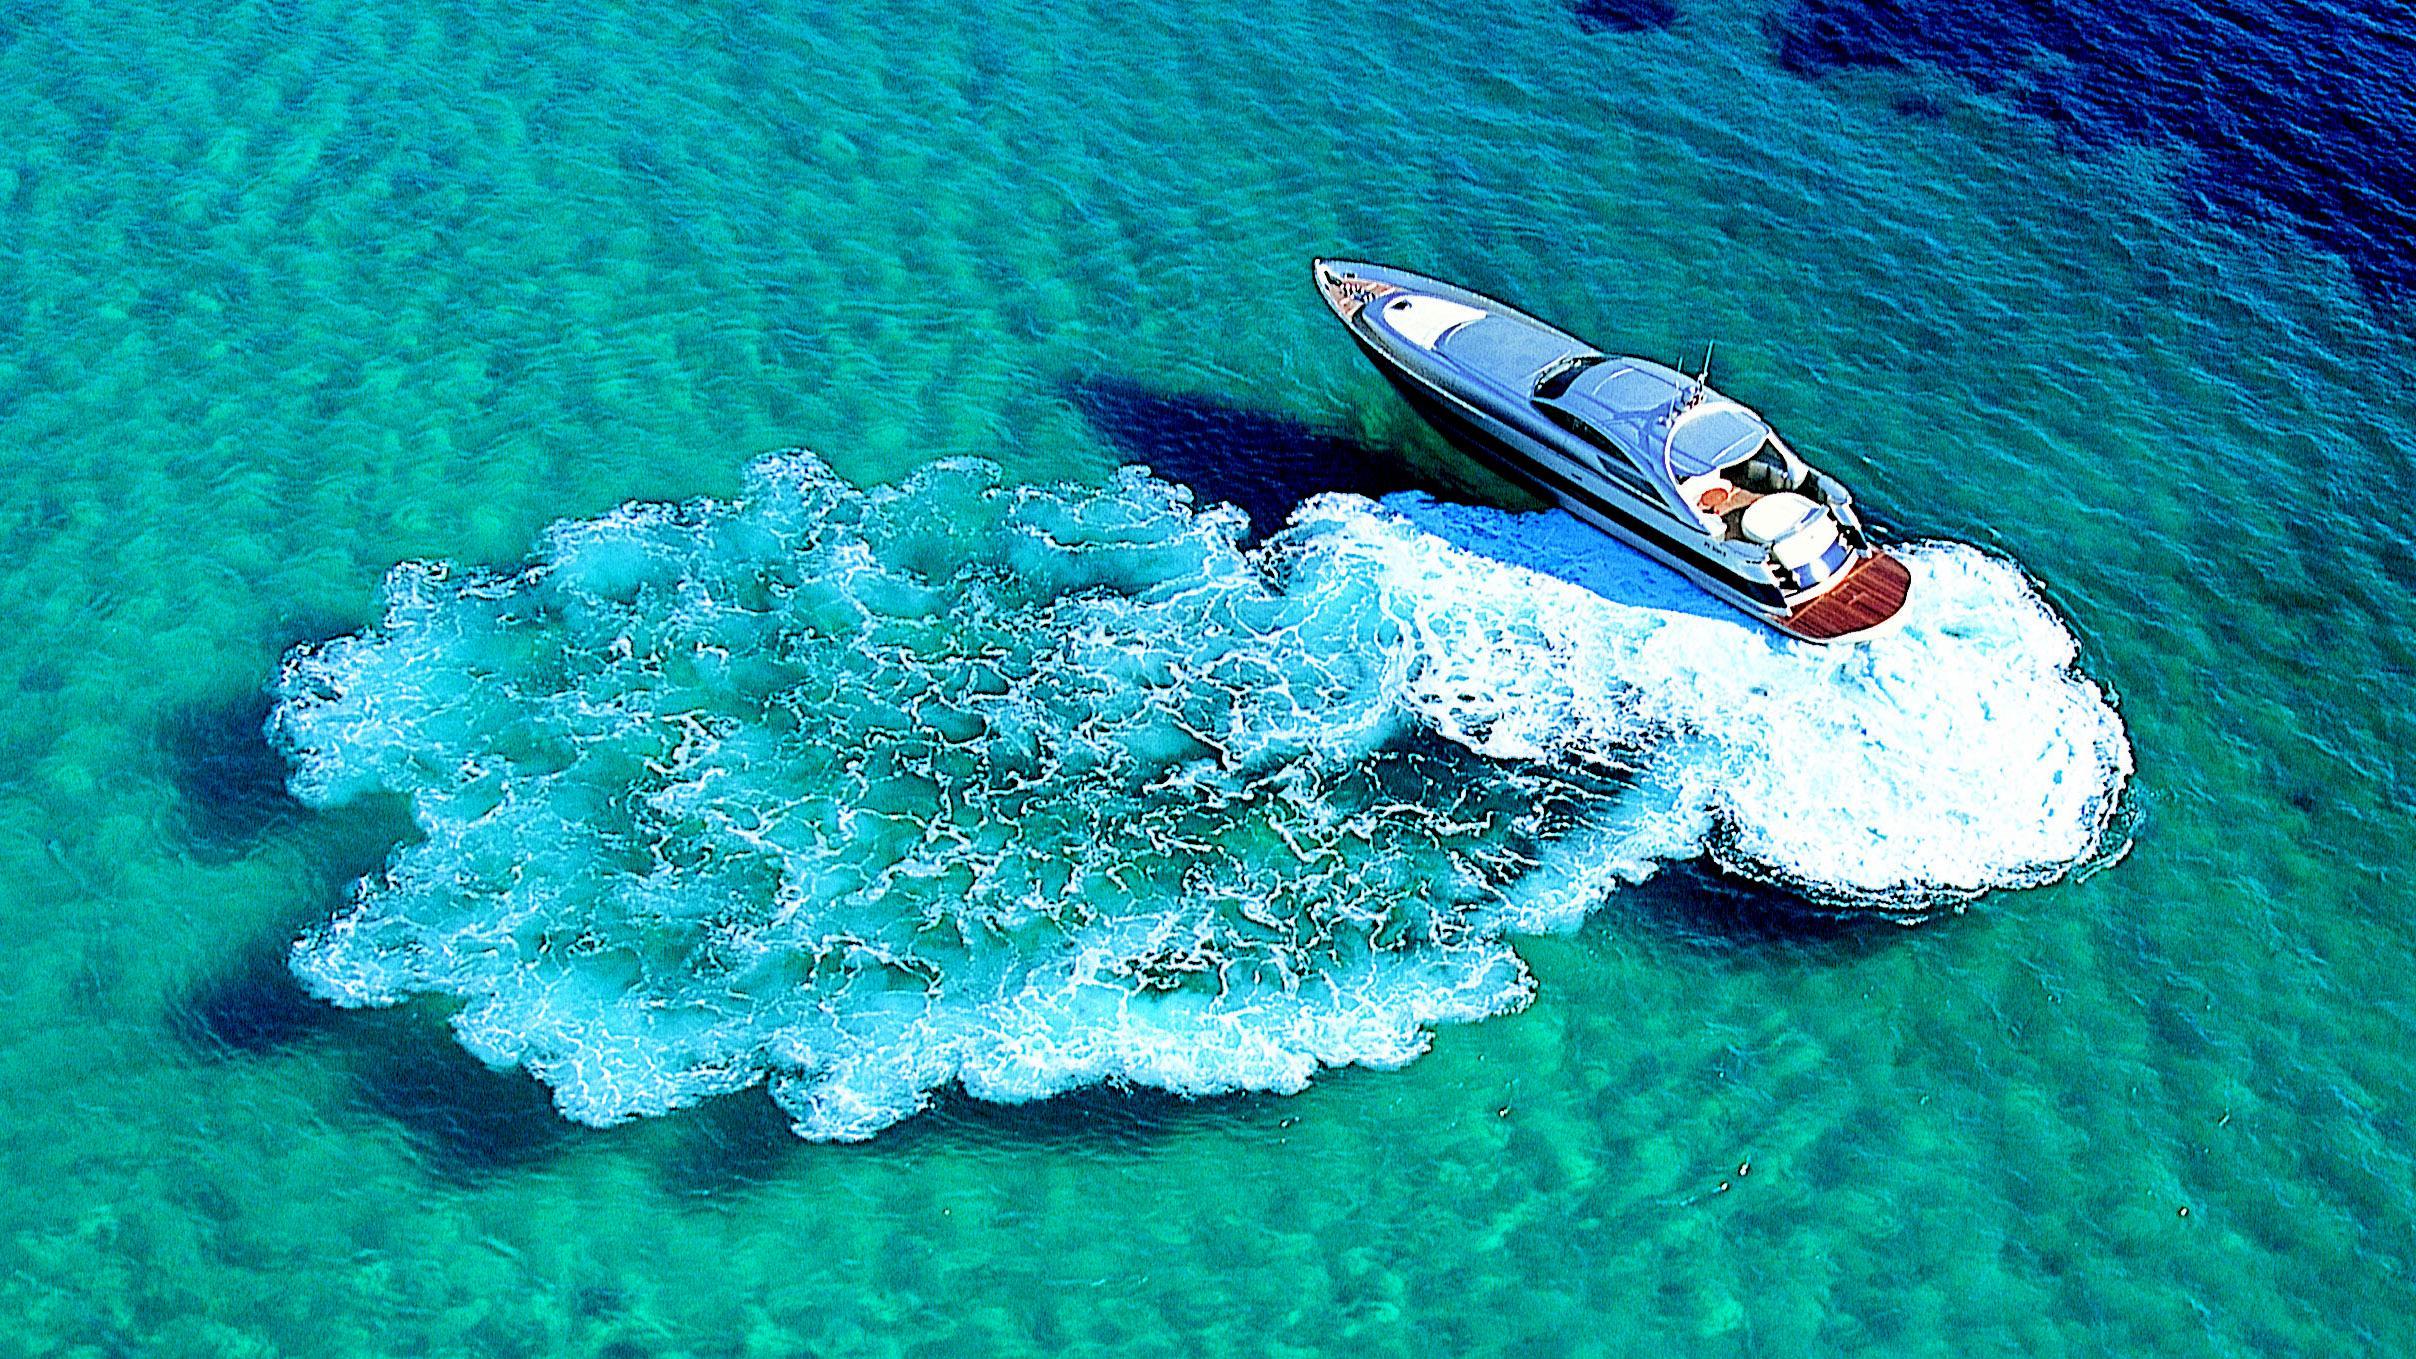 spirit-of-zen-motor-yacht-pershing-88-2002-27m-aerial